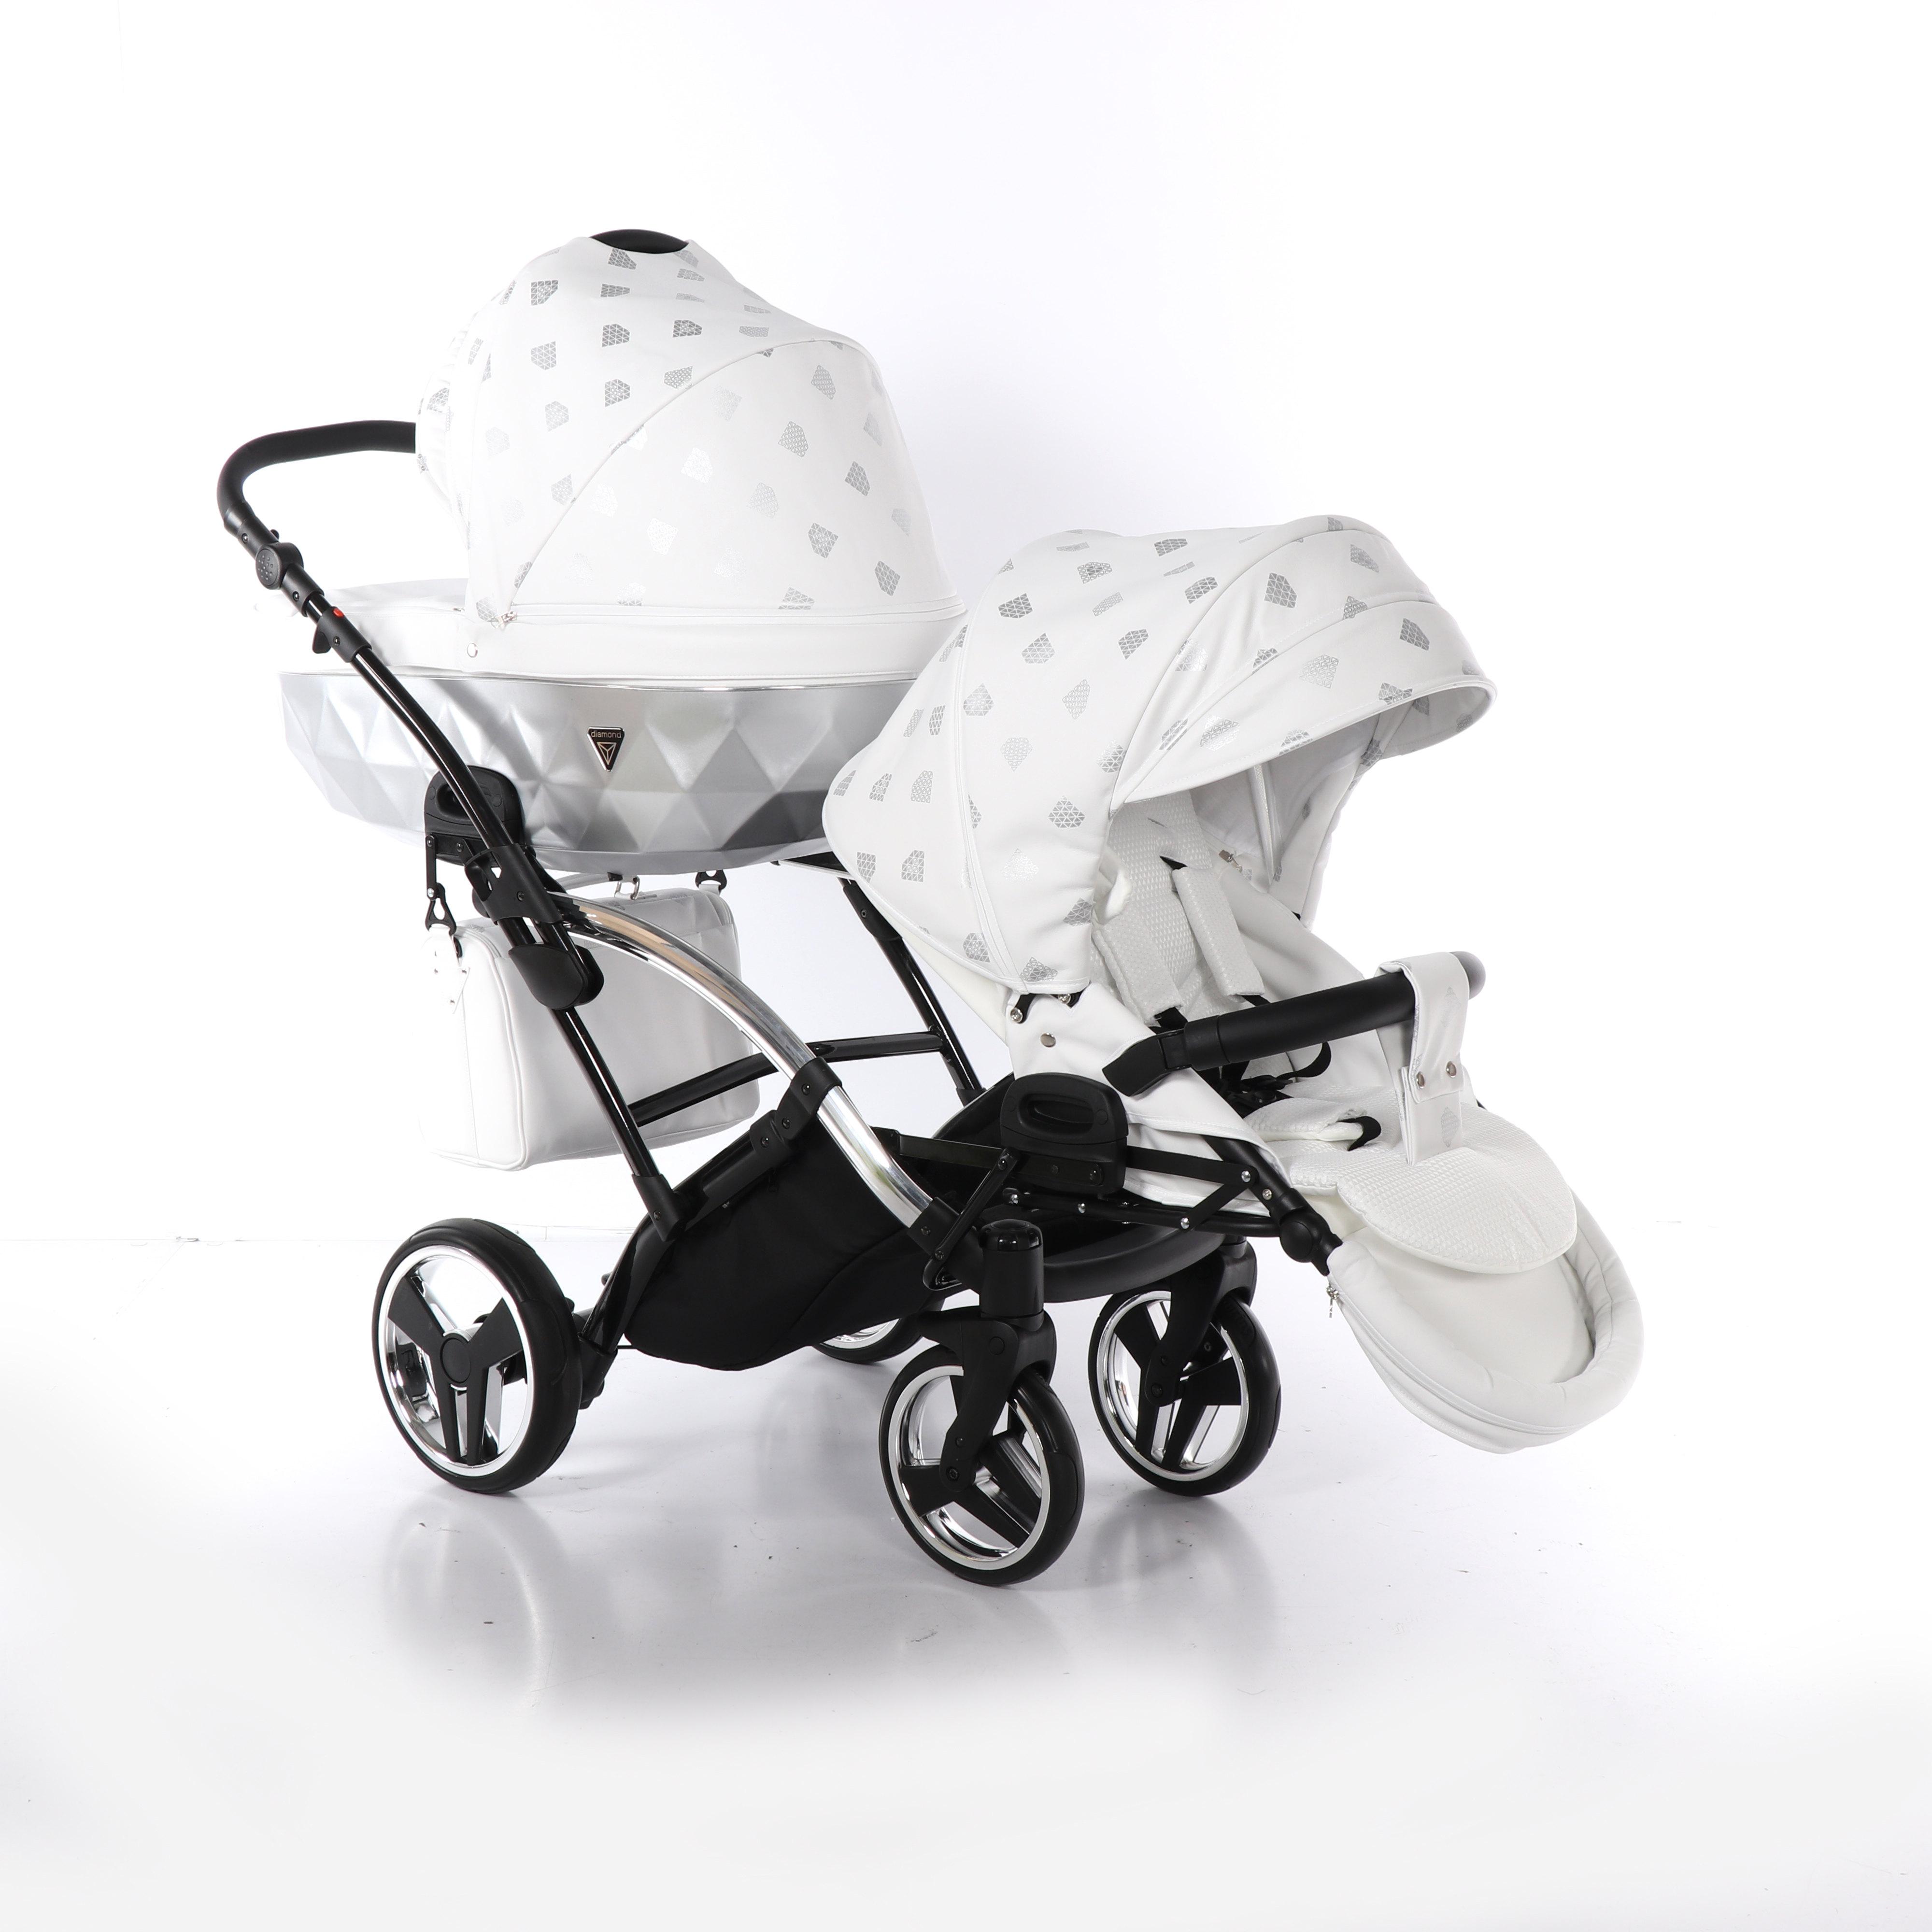 wózek blixniaczy wielofunkcyjny Junama Glow Duo Slim spacerowy